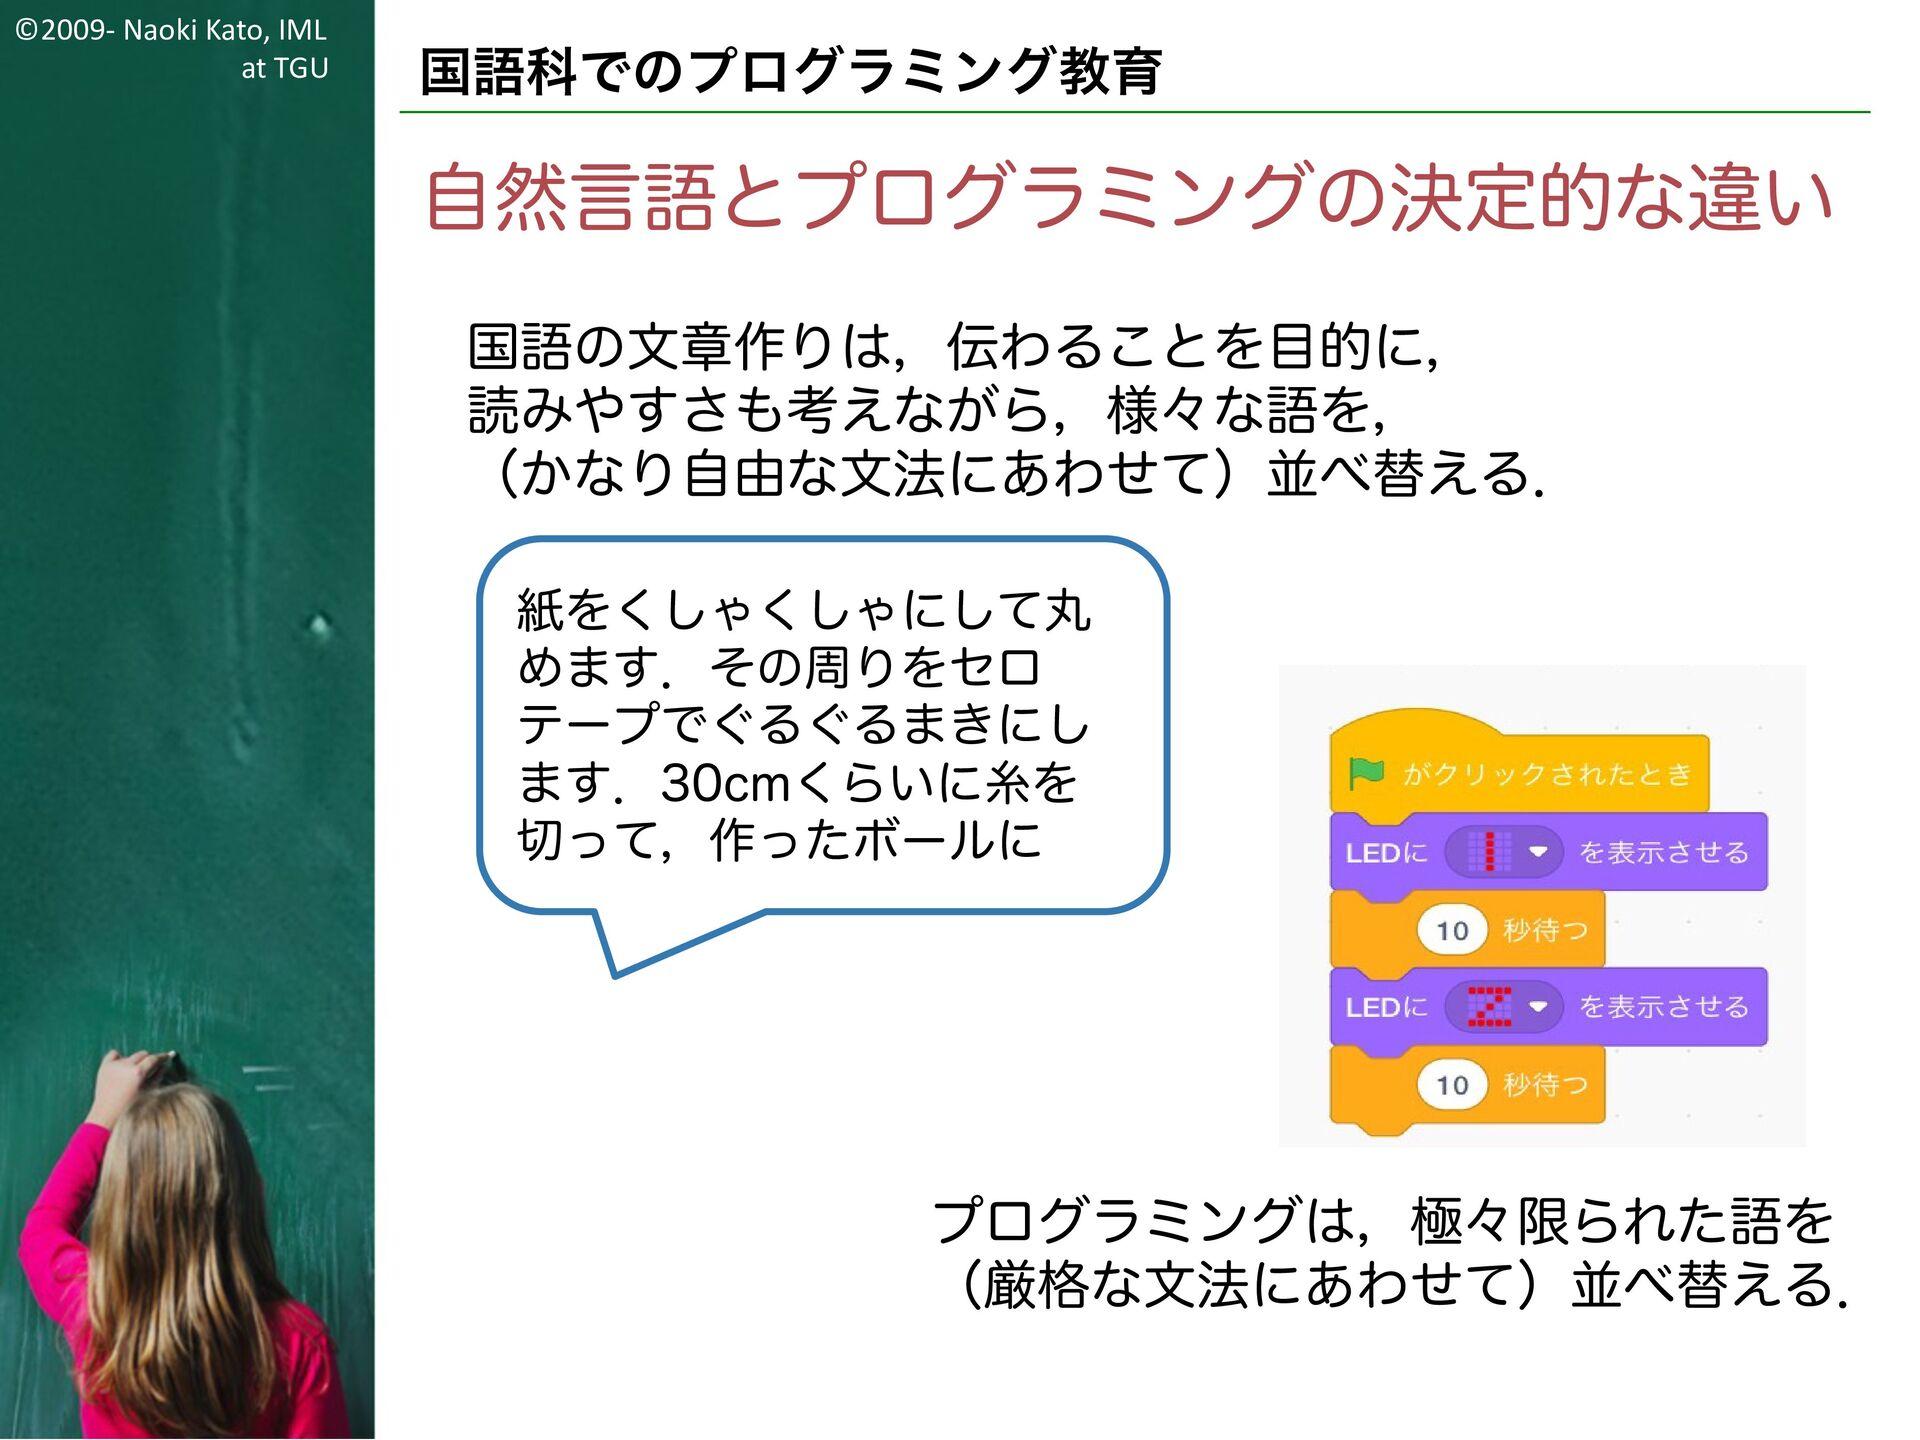 ©2009- Naoki Kato, IML at TGU 国語科でのプログラミング教育 へん...